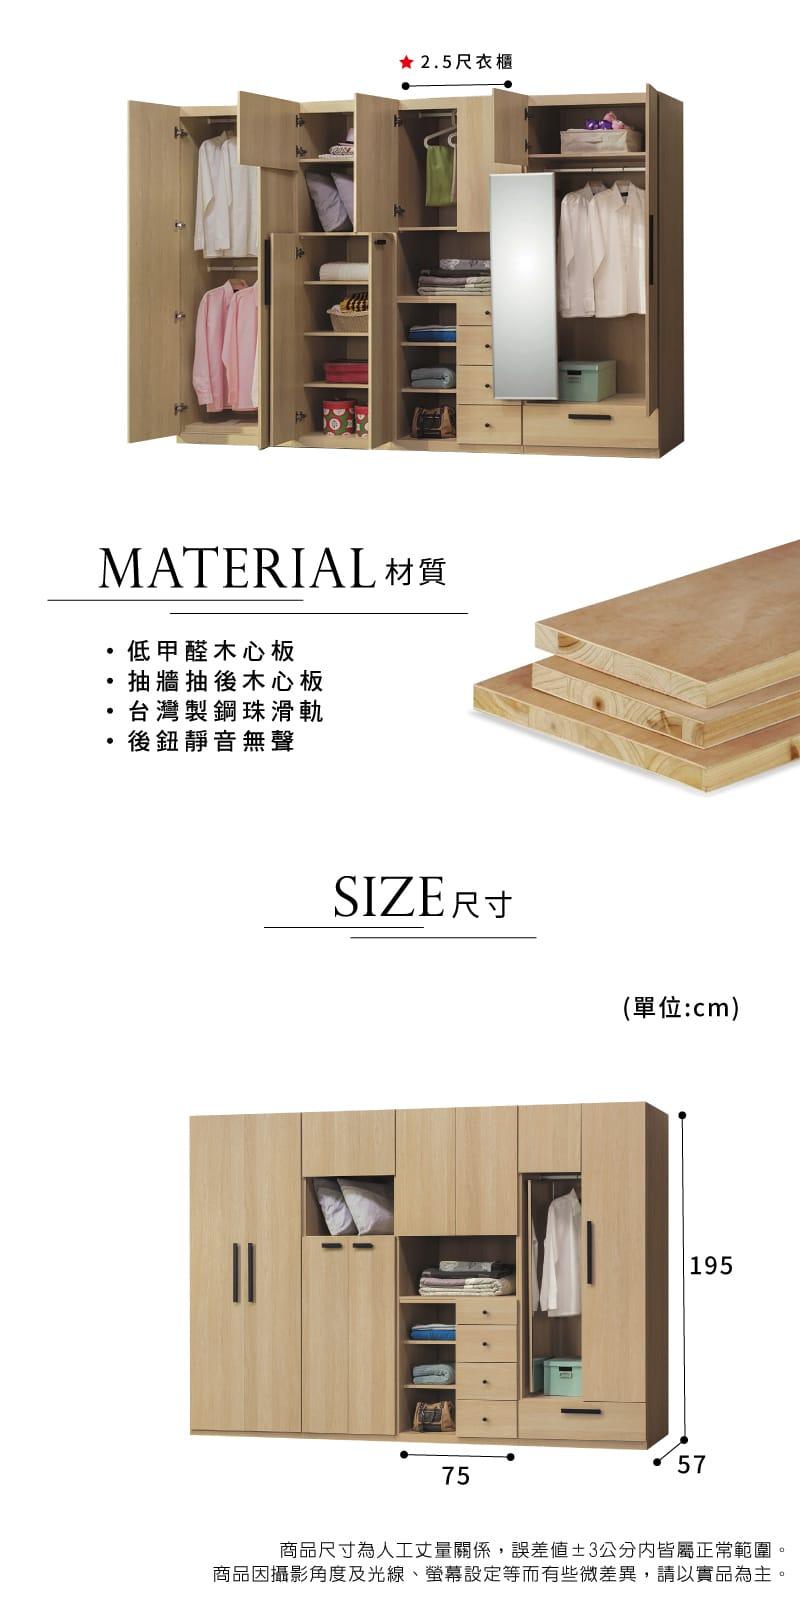 拉門收納置物衣櫃 寬75cm【威特】